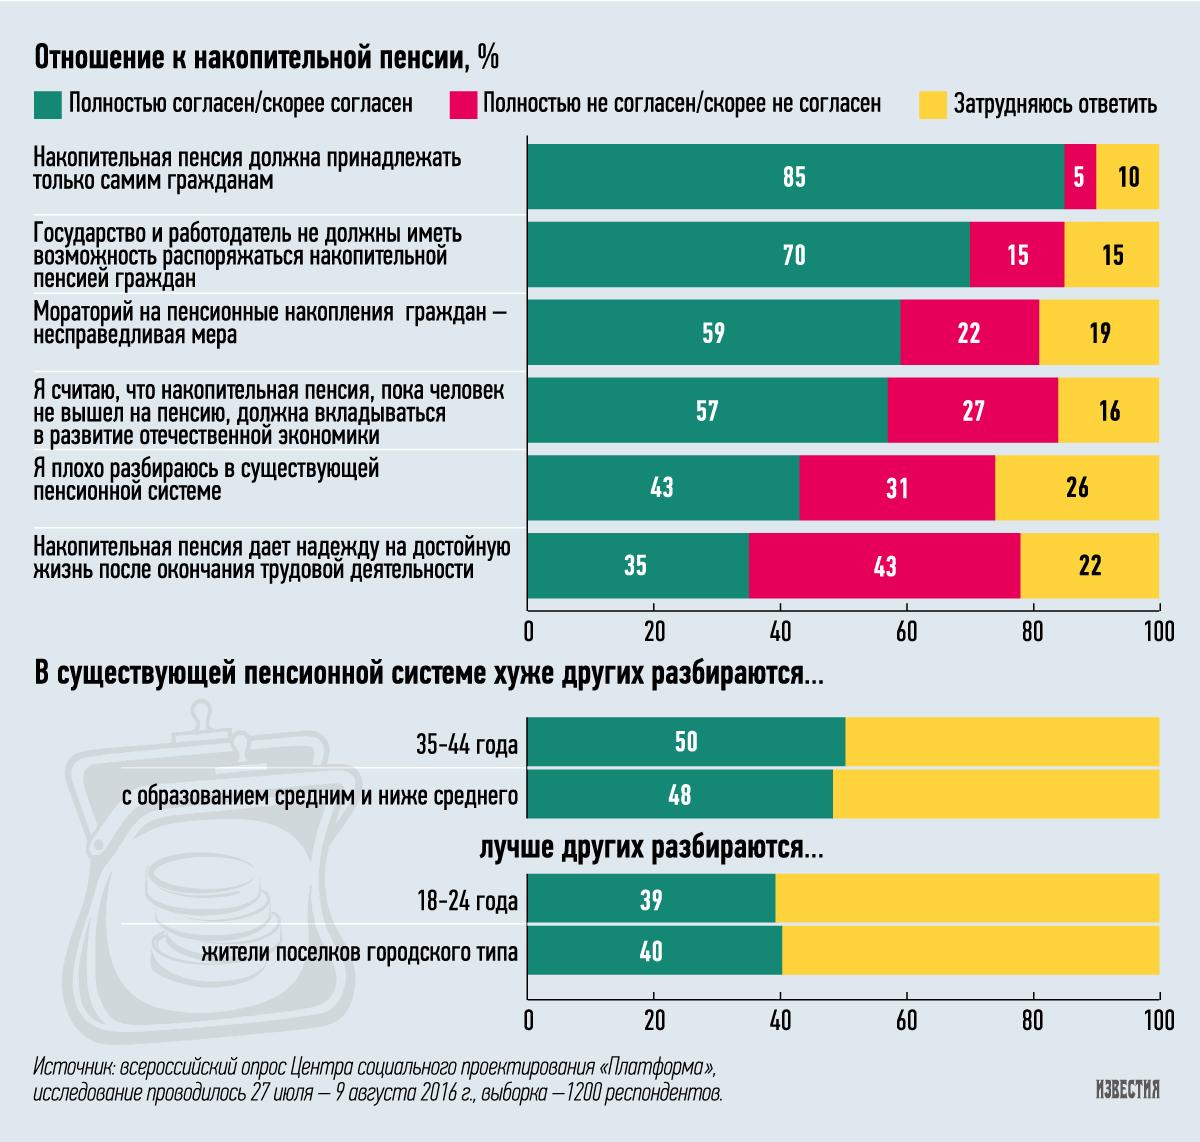 Жители России нехотят отдавать пенсионные скопления государству